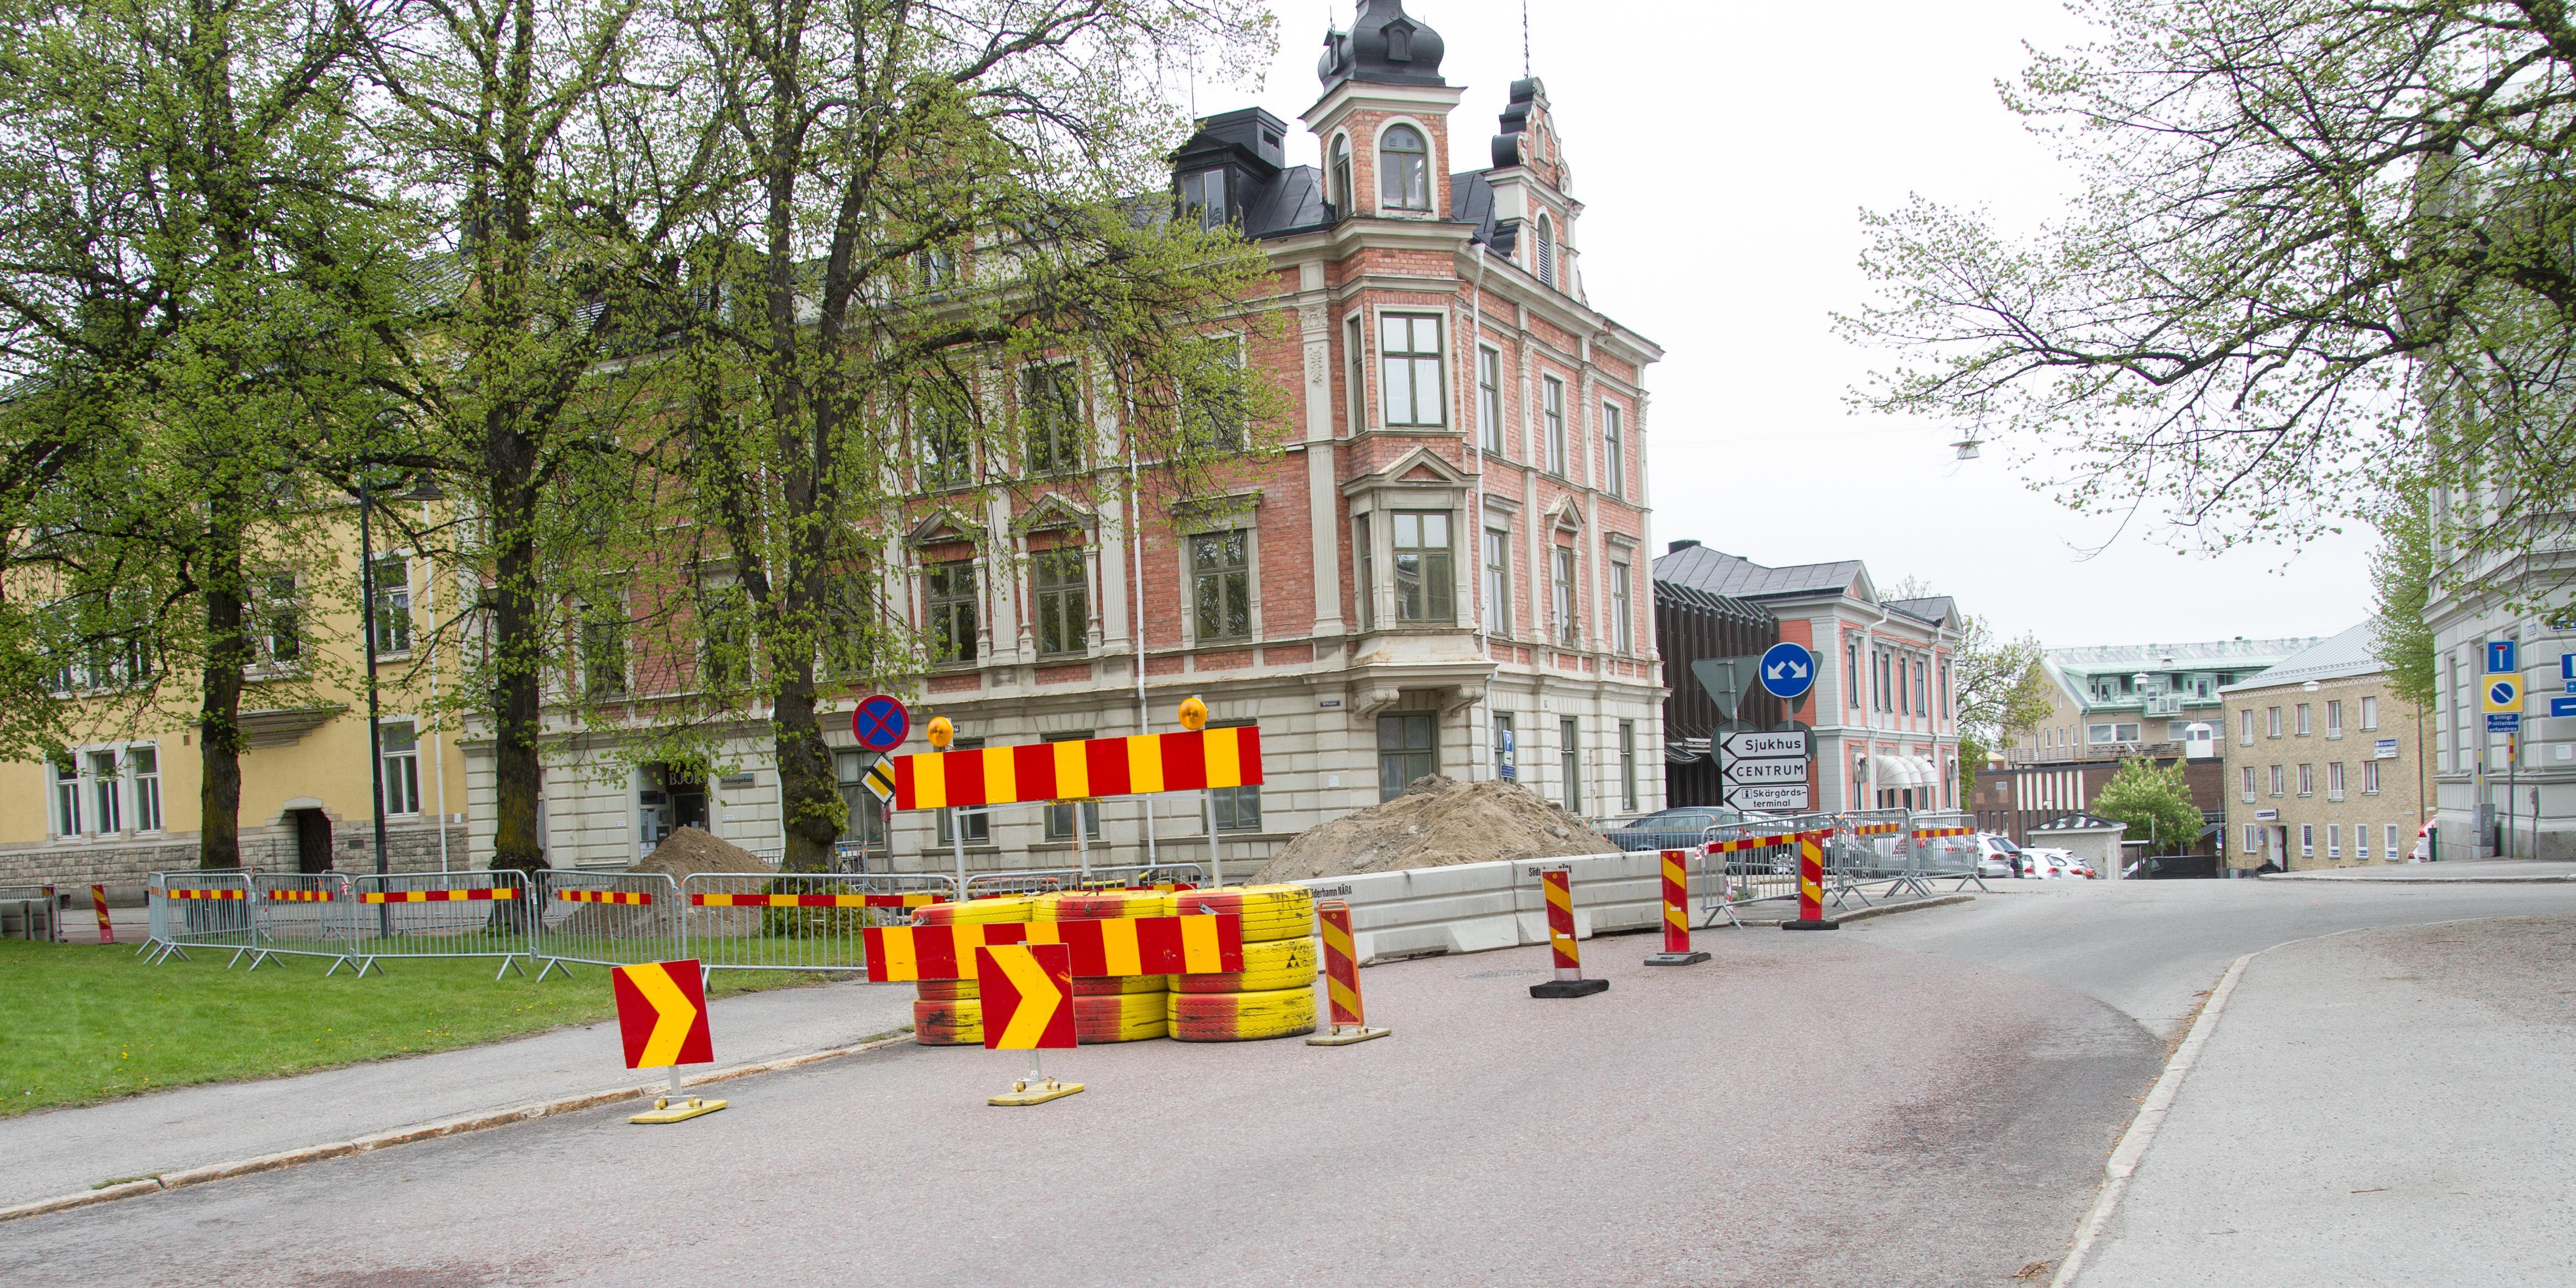 Omledning av trafik skapar förvirring: